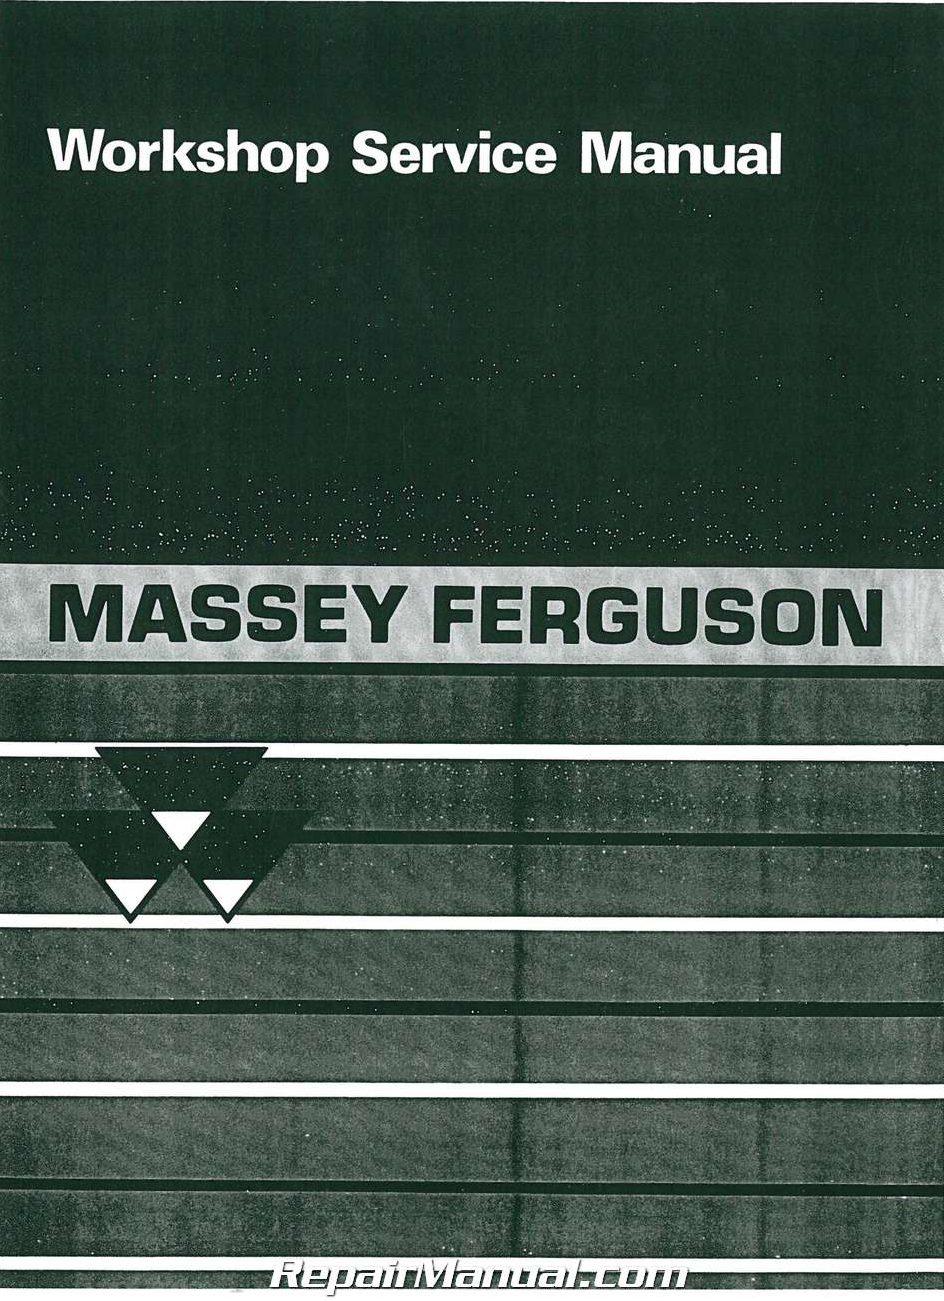 massey ferguson mf231 261 tractor workshop service manual 800 426 4214 massey ferguson 261 owners manual Massey Ferguson 261 Hydraulic System